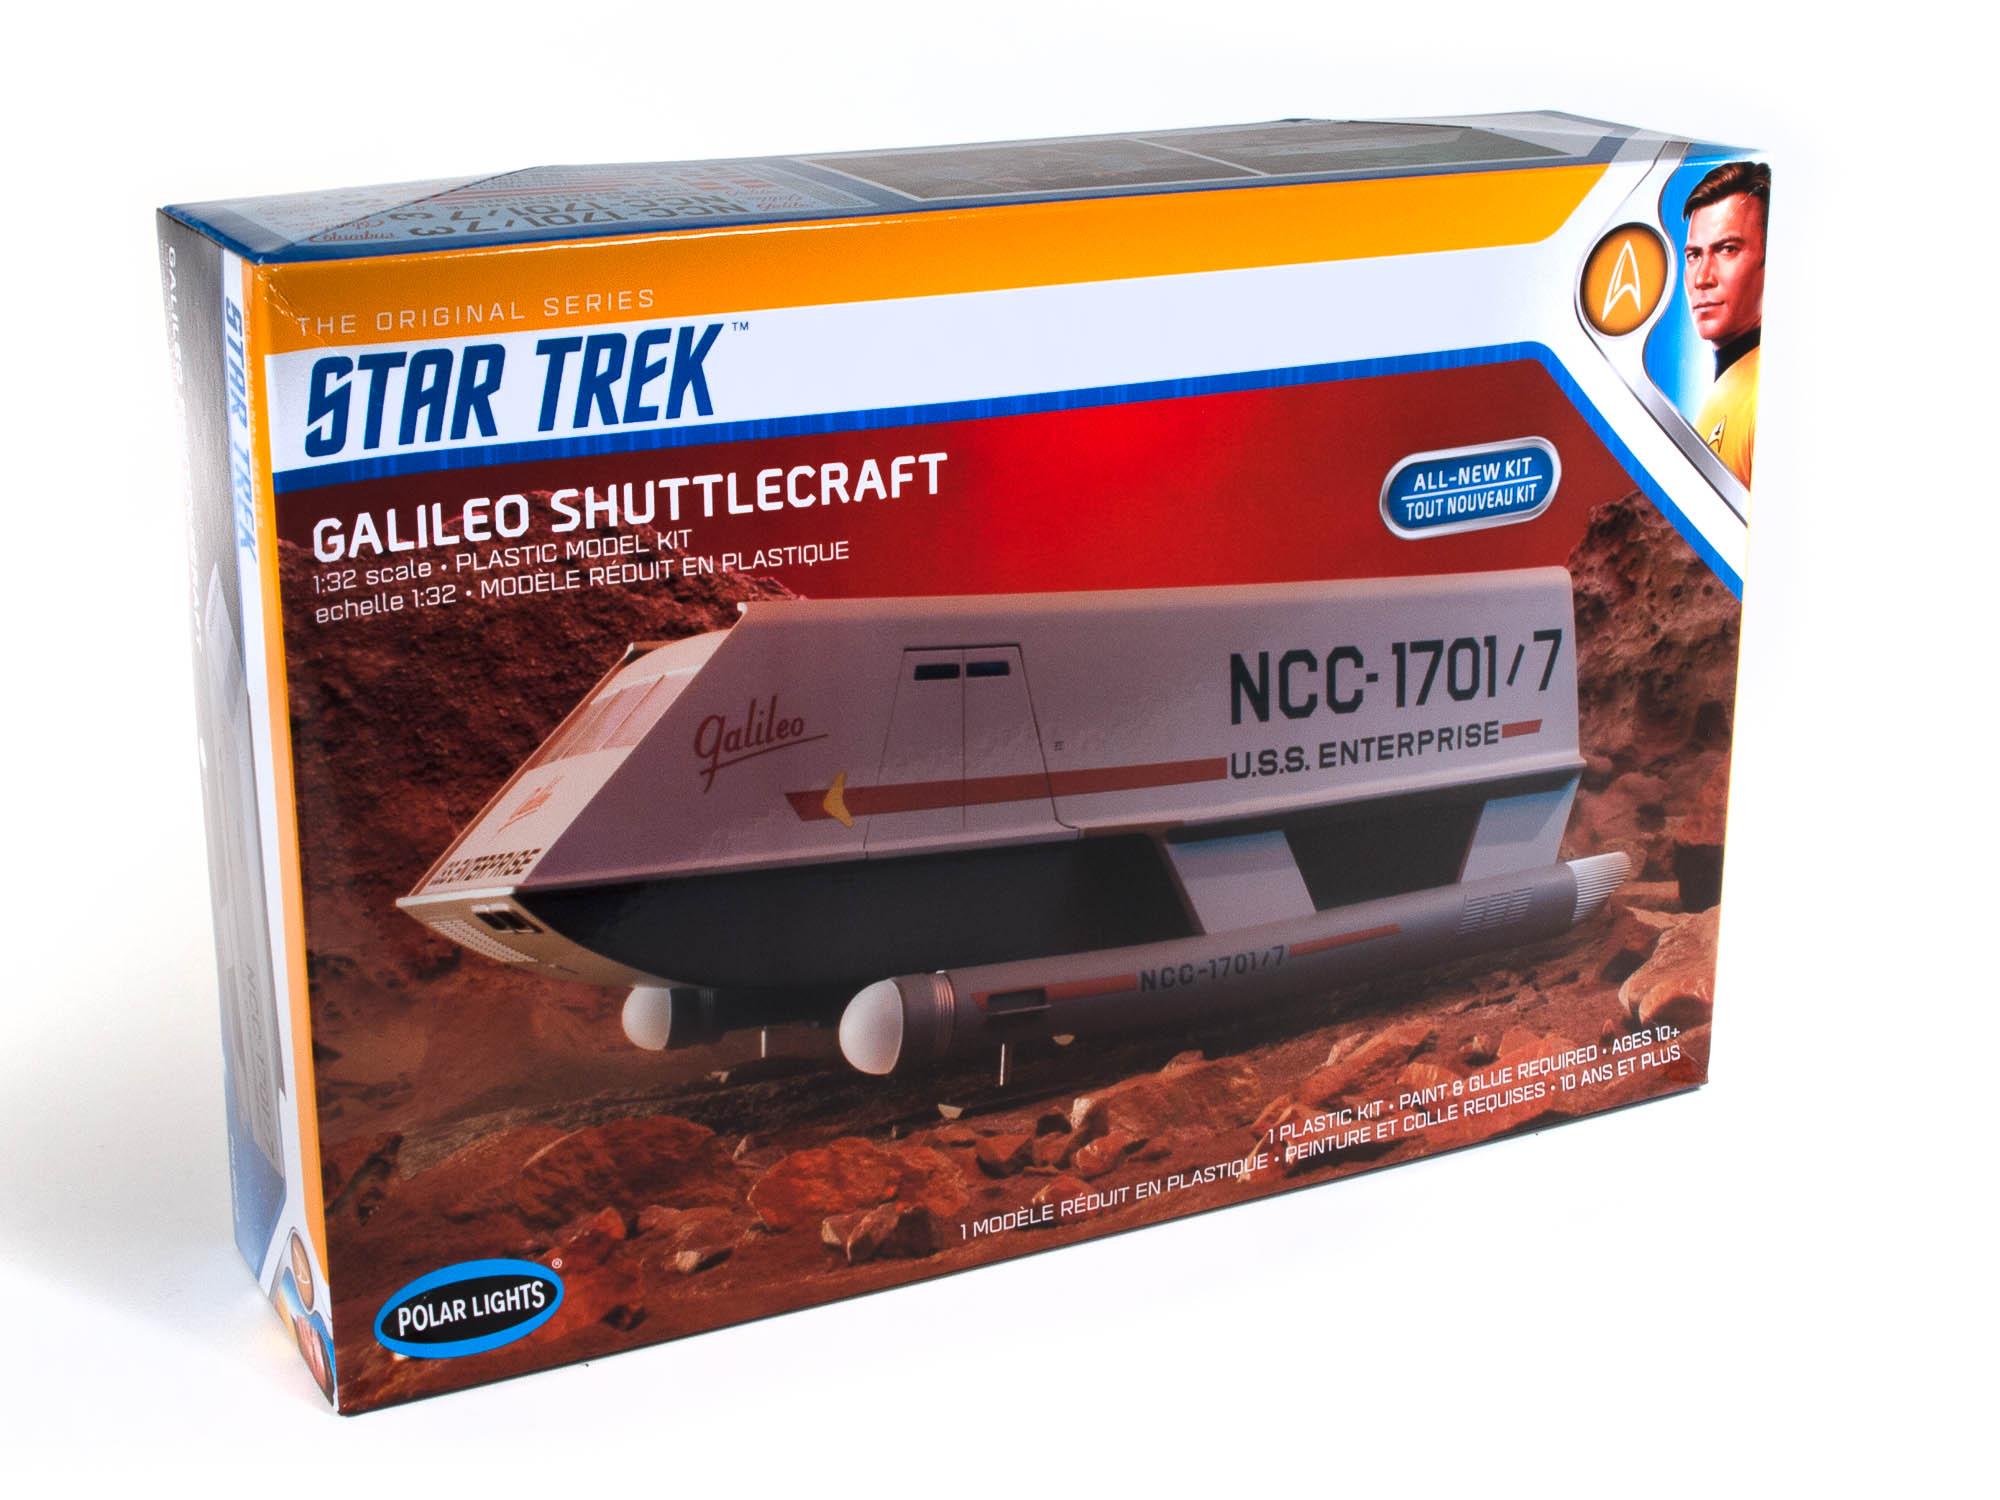 Polar Lights 1/32 Star Trek Galileo Shuttle Brand New Tooling